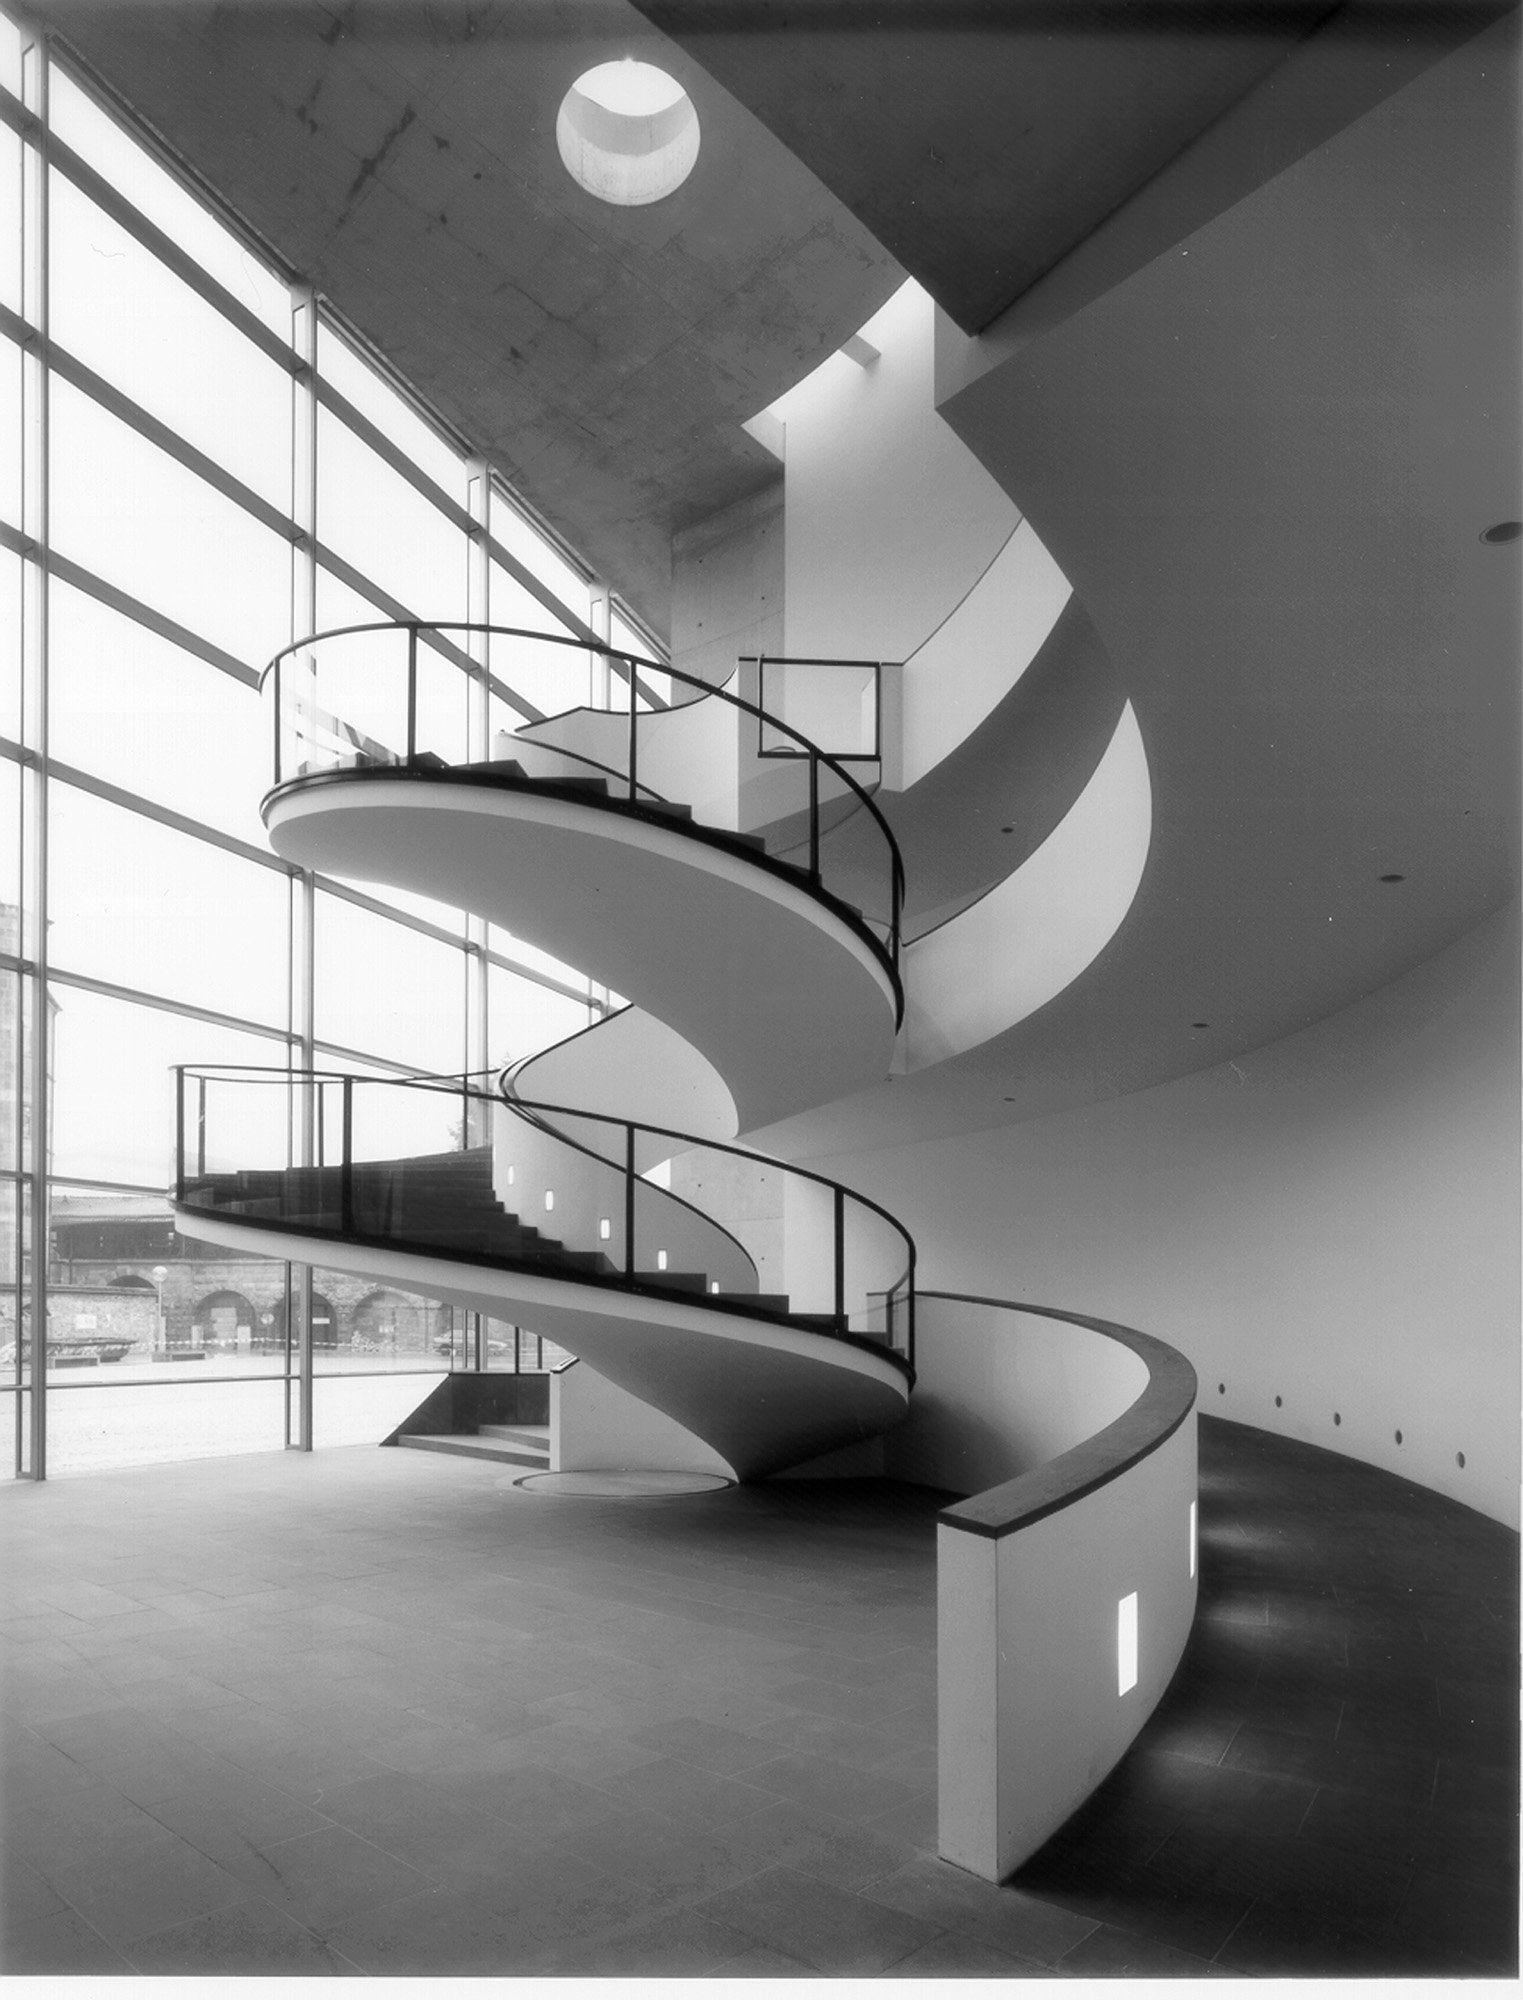 Staab Architekten - Neues Museum, Nürnberg | Nürnberg Moderne ...